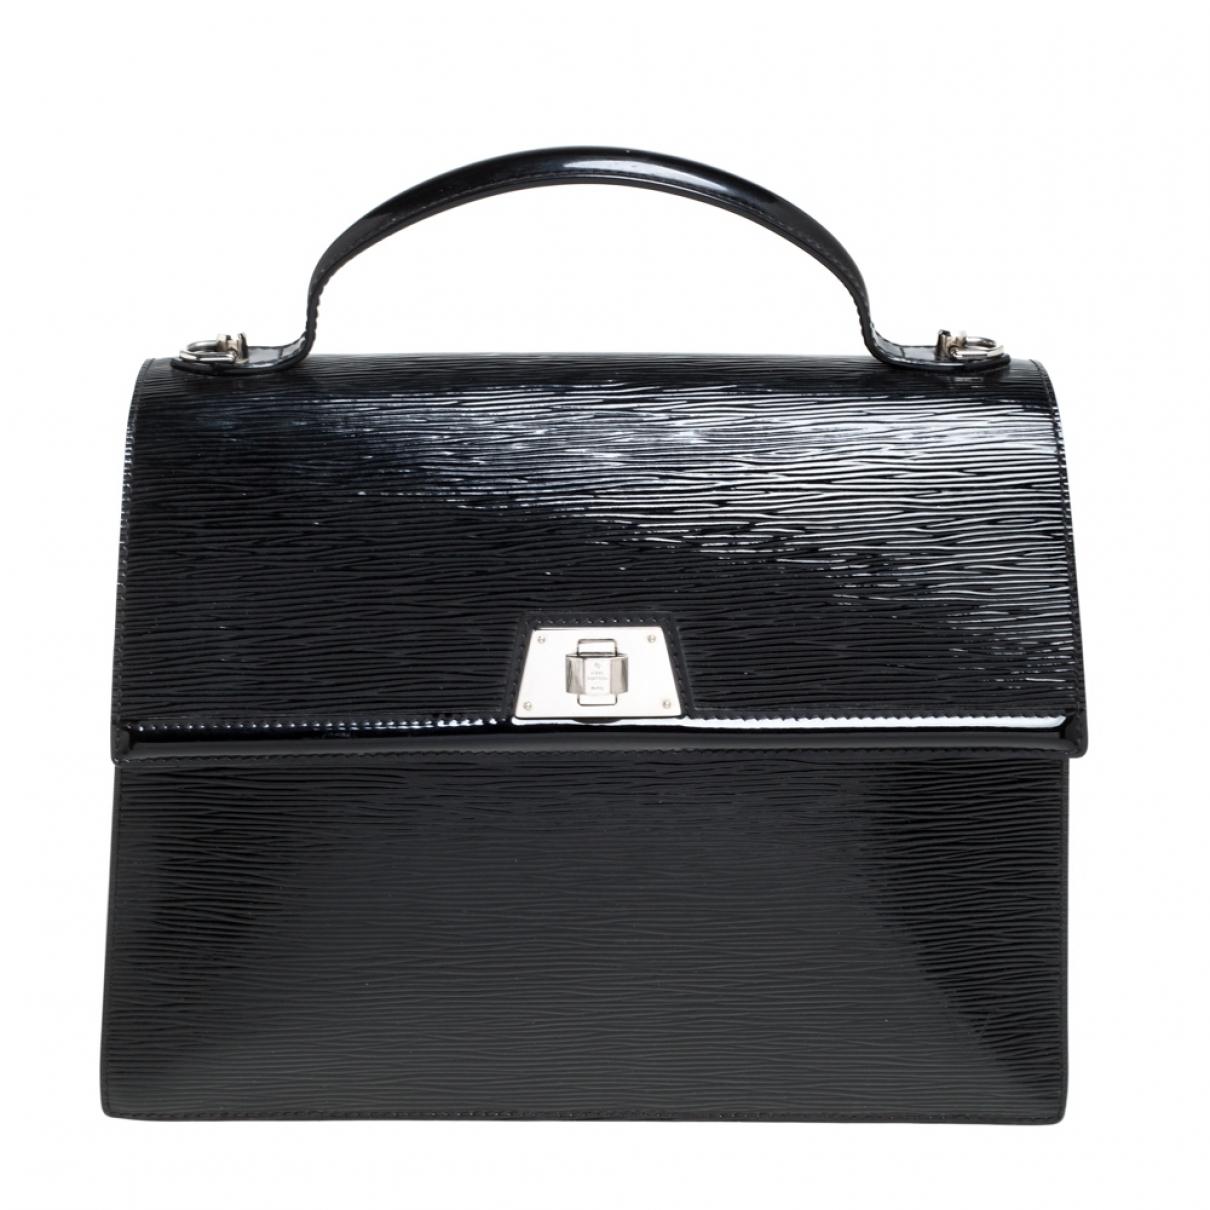 Louis Vuitton - Sac a main Sevigne pour femme en laine - noir